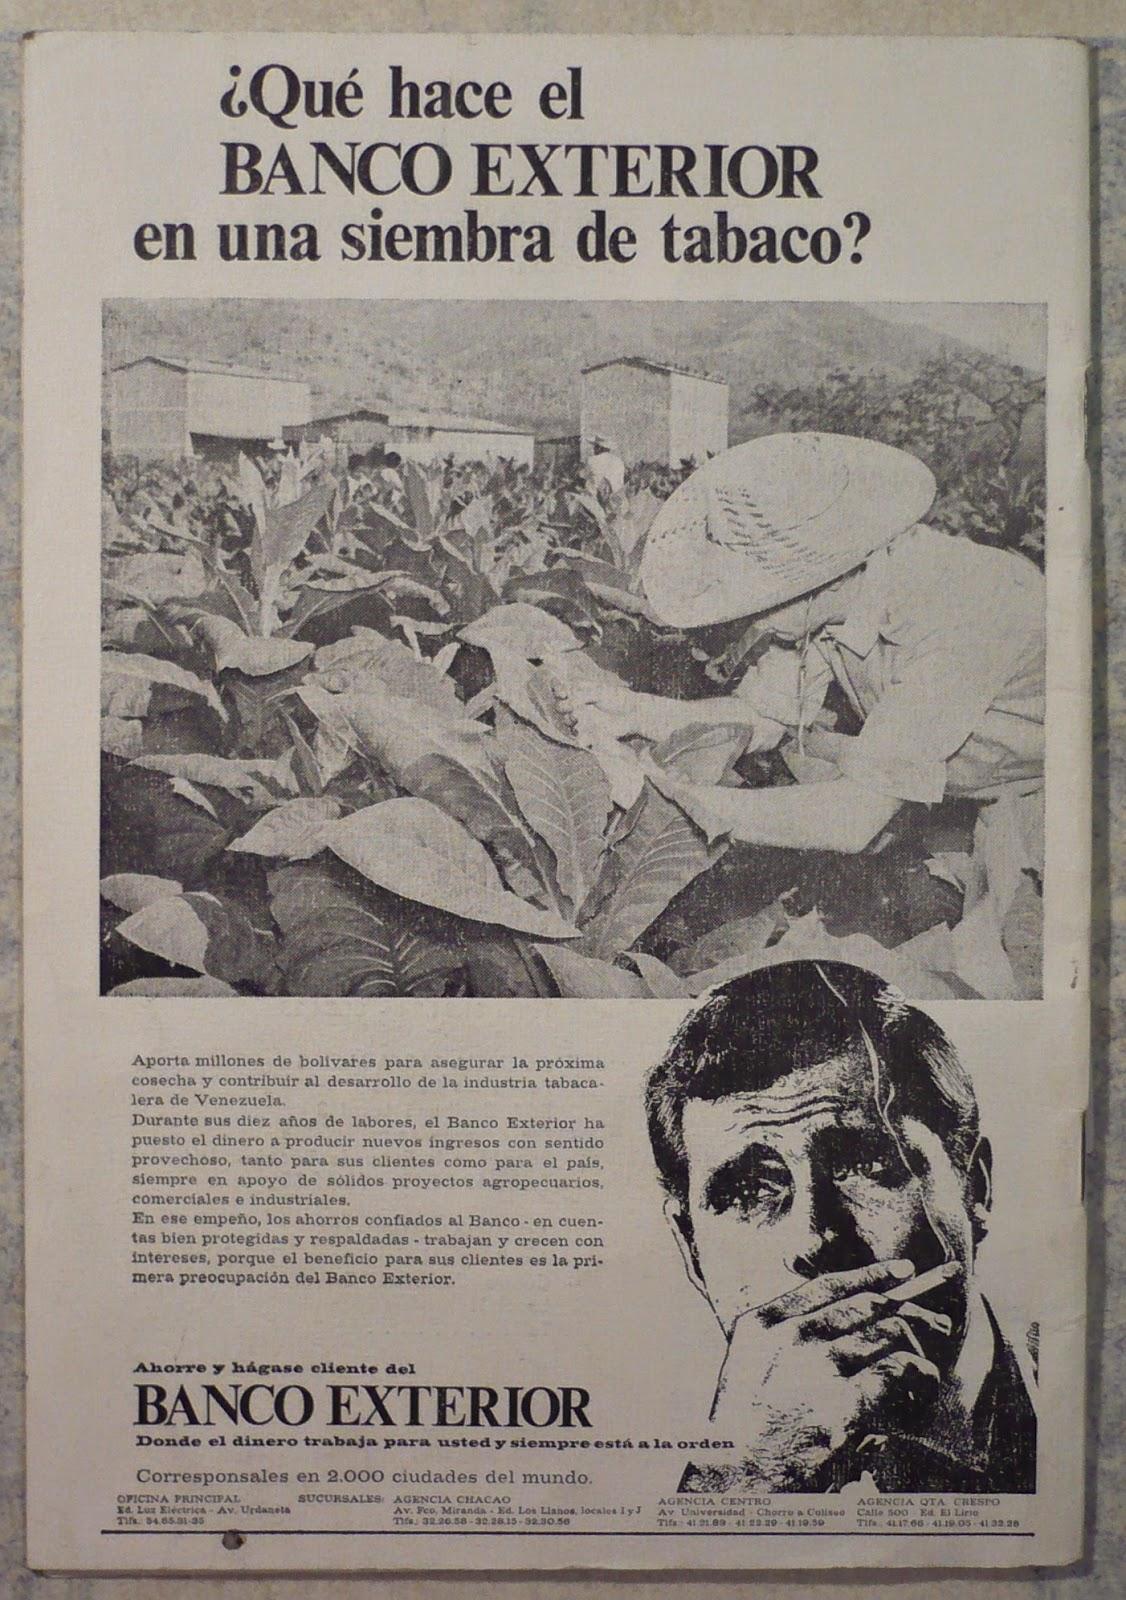 Coleccionismo de paquetes de tabaco un banco y el tabaco for Banco exterior de venezuela